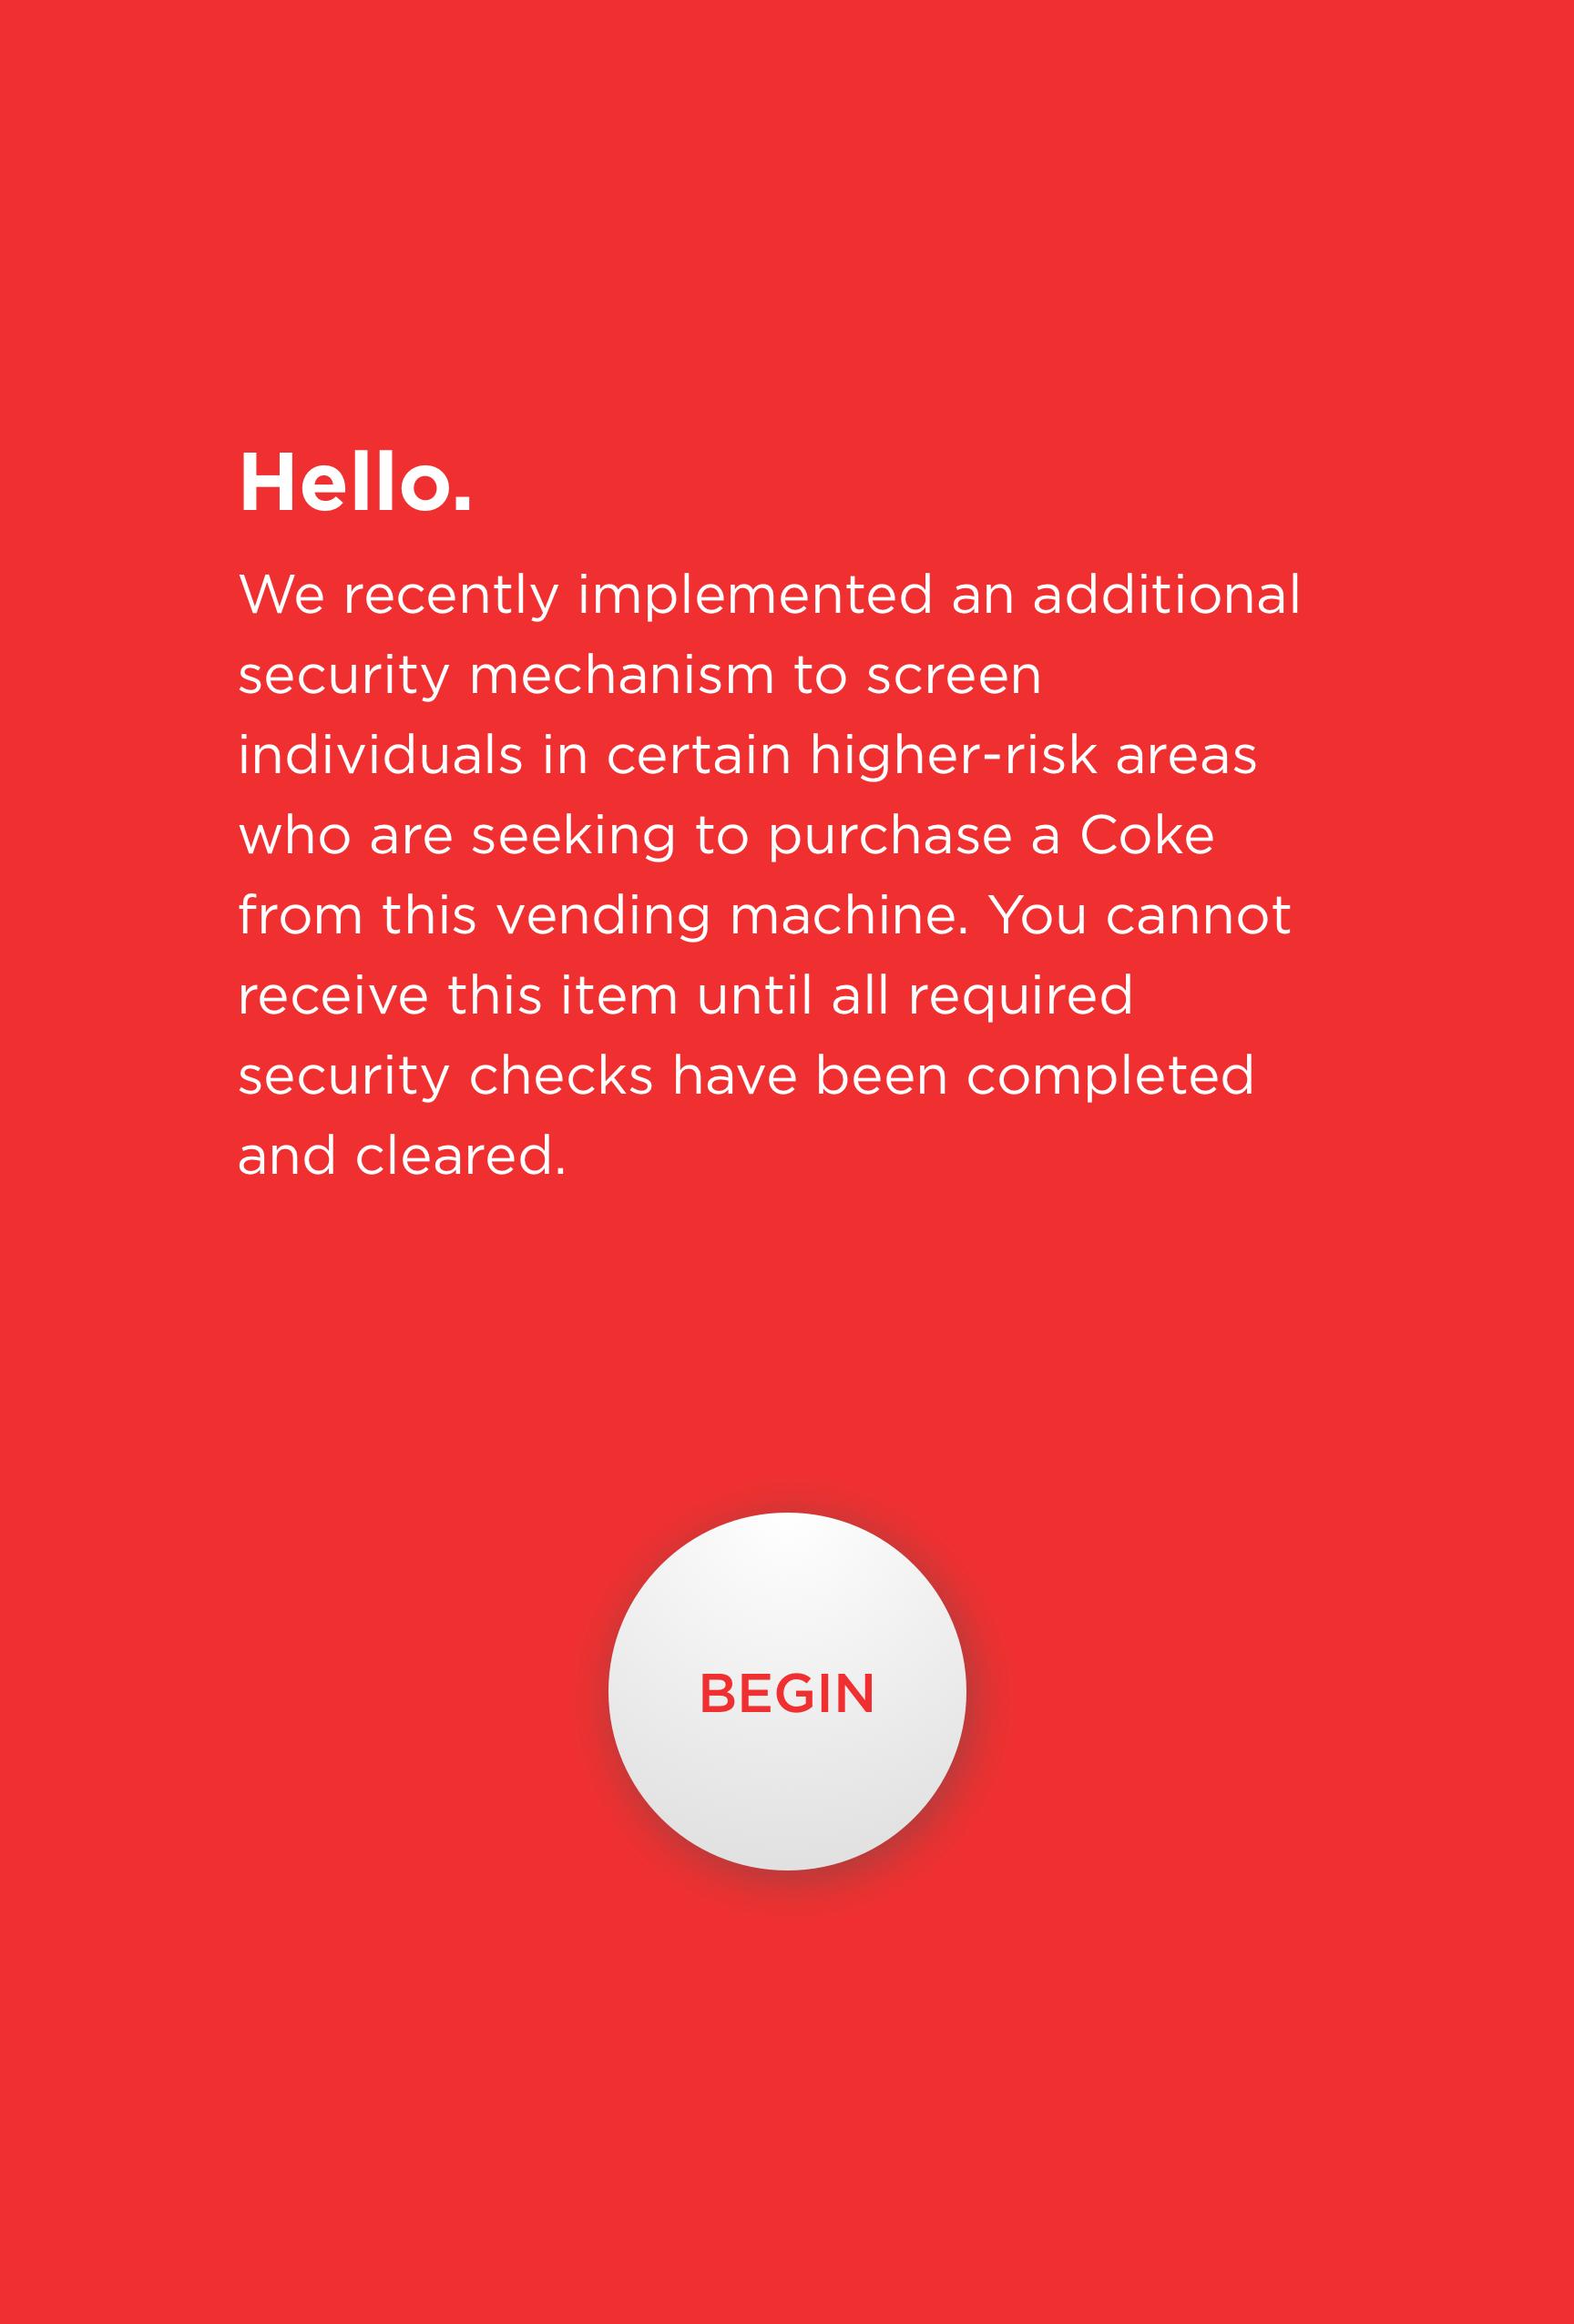 Vending_Screens_4.png